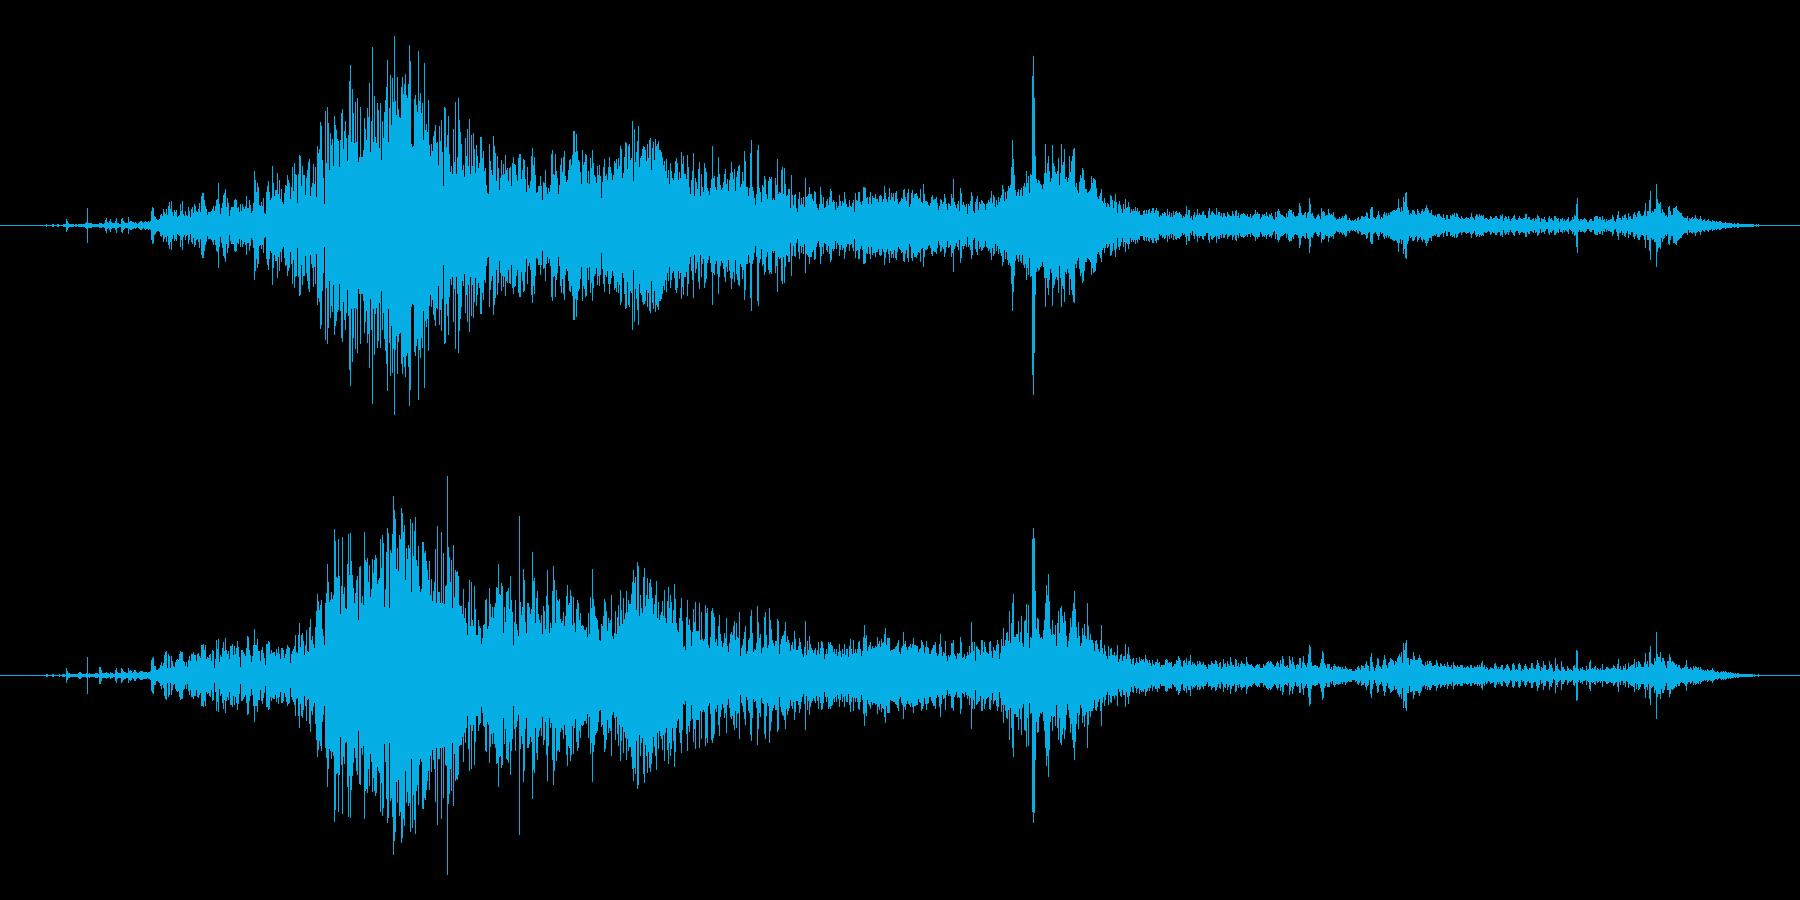 ゾンビやモンスターの叫び声/唸り声24bの再生済みの波形